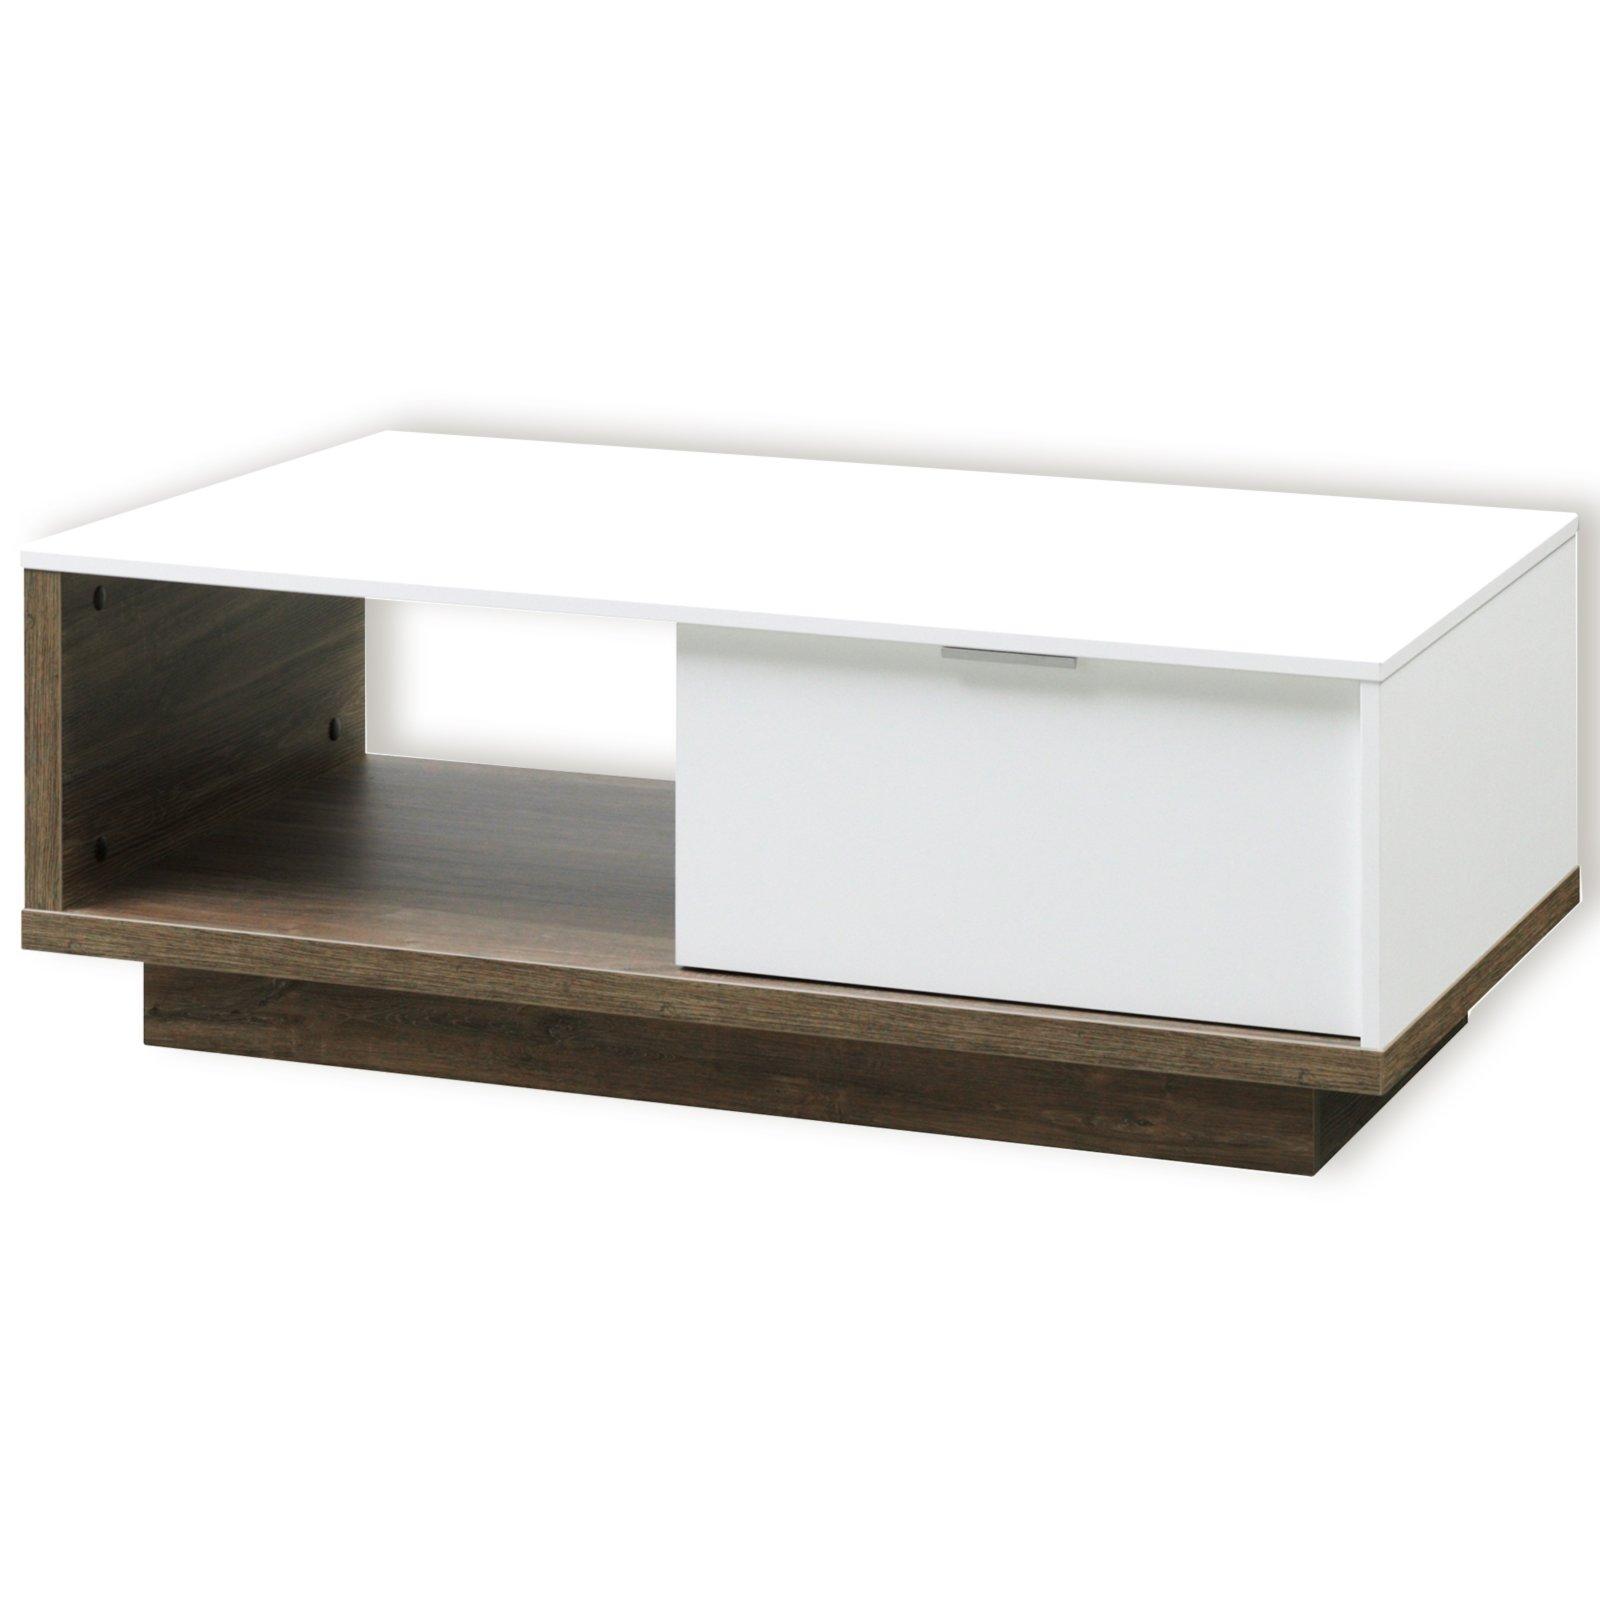 roller couchtisch my ell wei stirling eiche 106 cm ebay. Black Bedroom Furniture Sets. Home Design Ideas